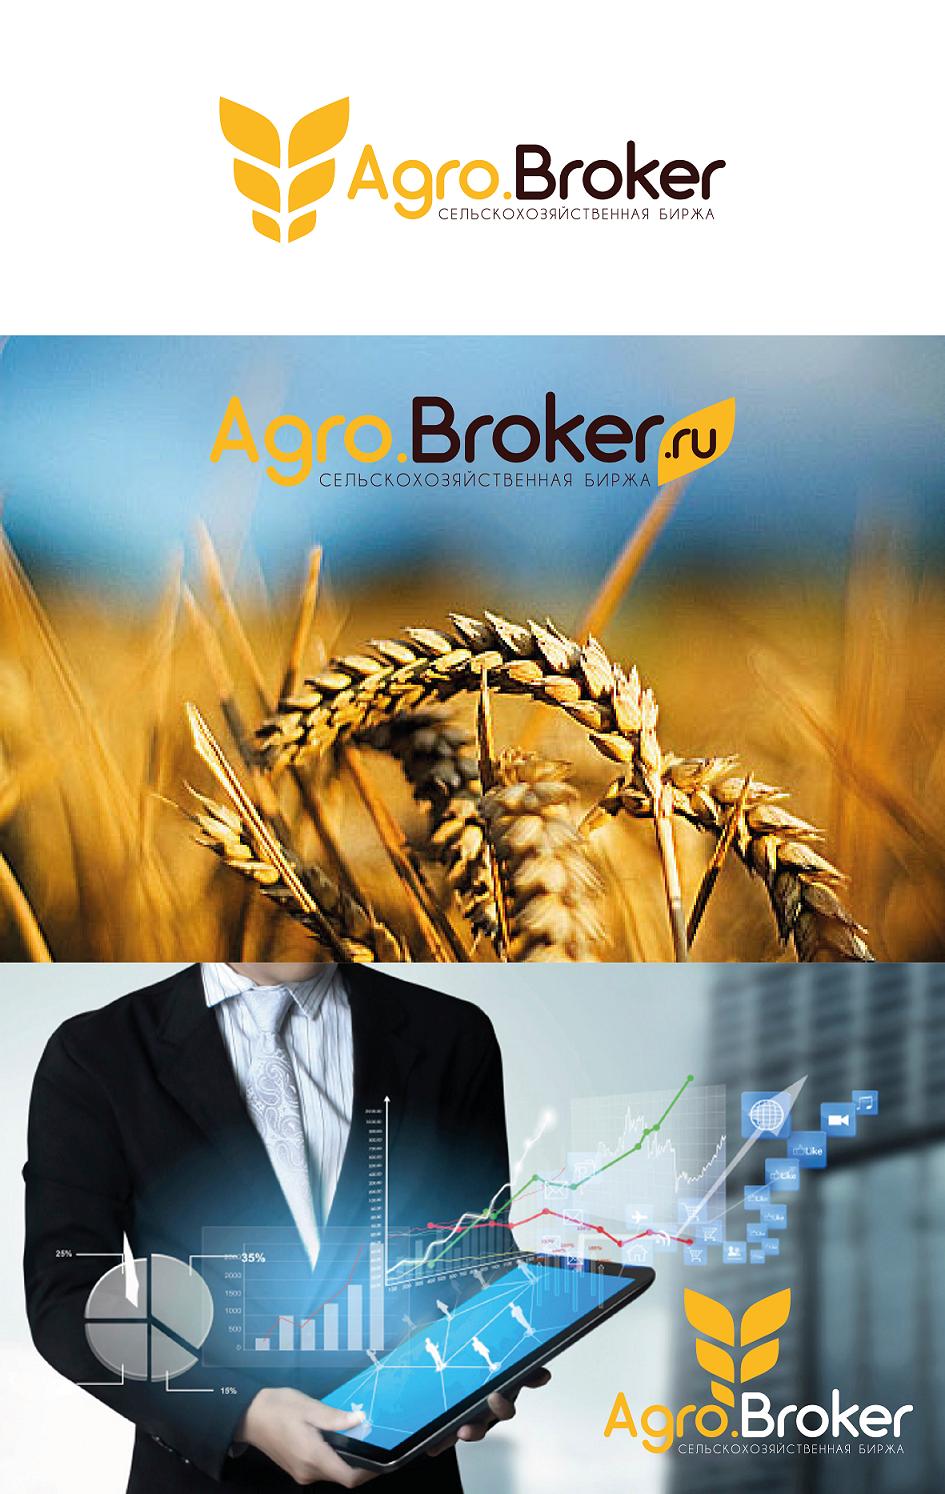 ТЗ на разработку пакета айдентики Agro.Broker фото f_9455968973db7653.png